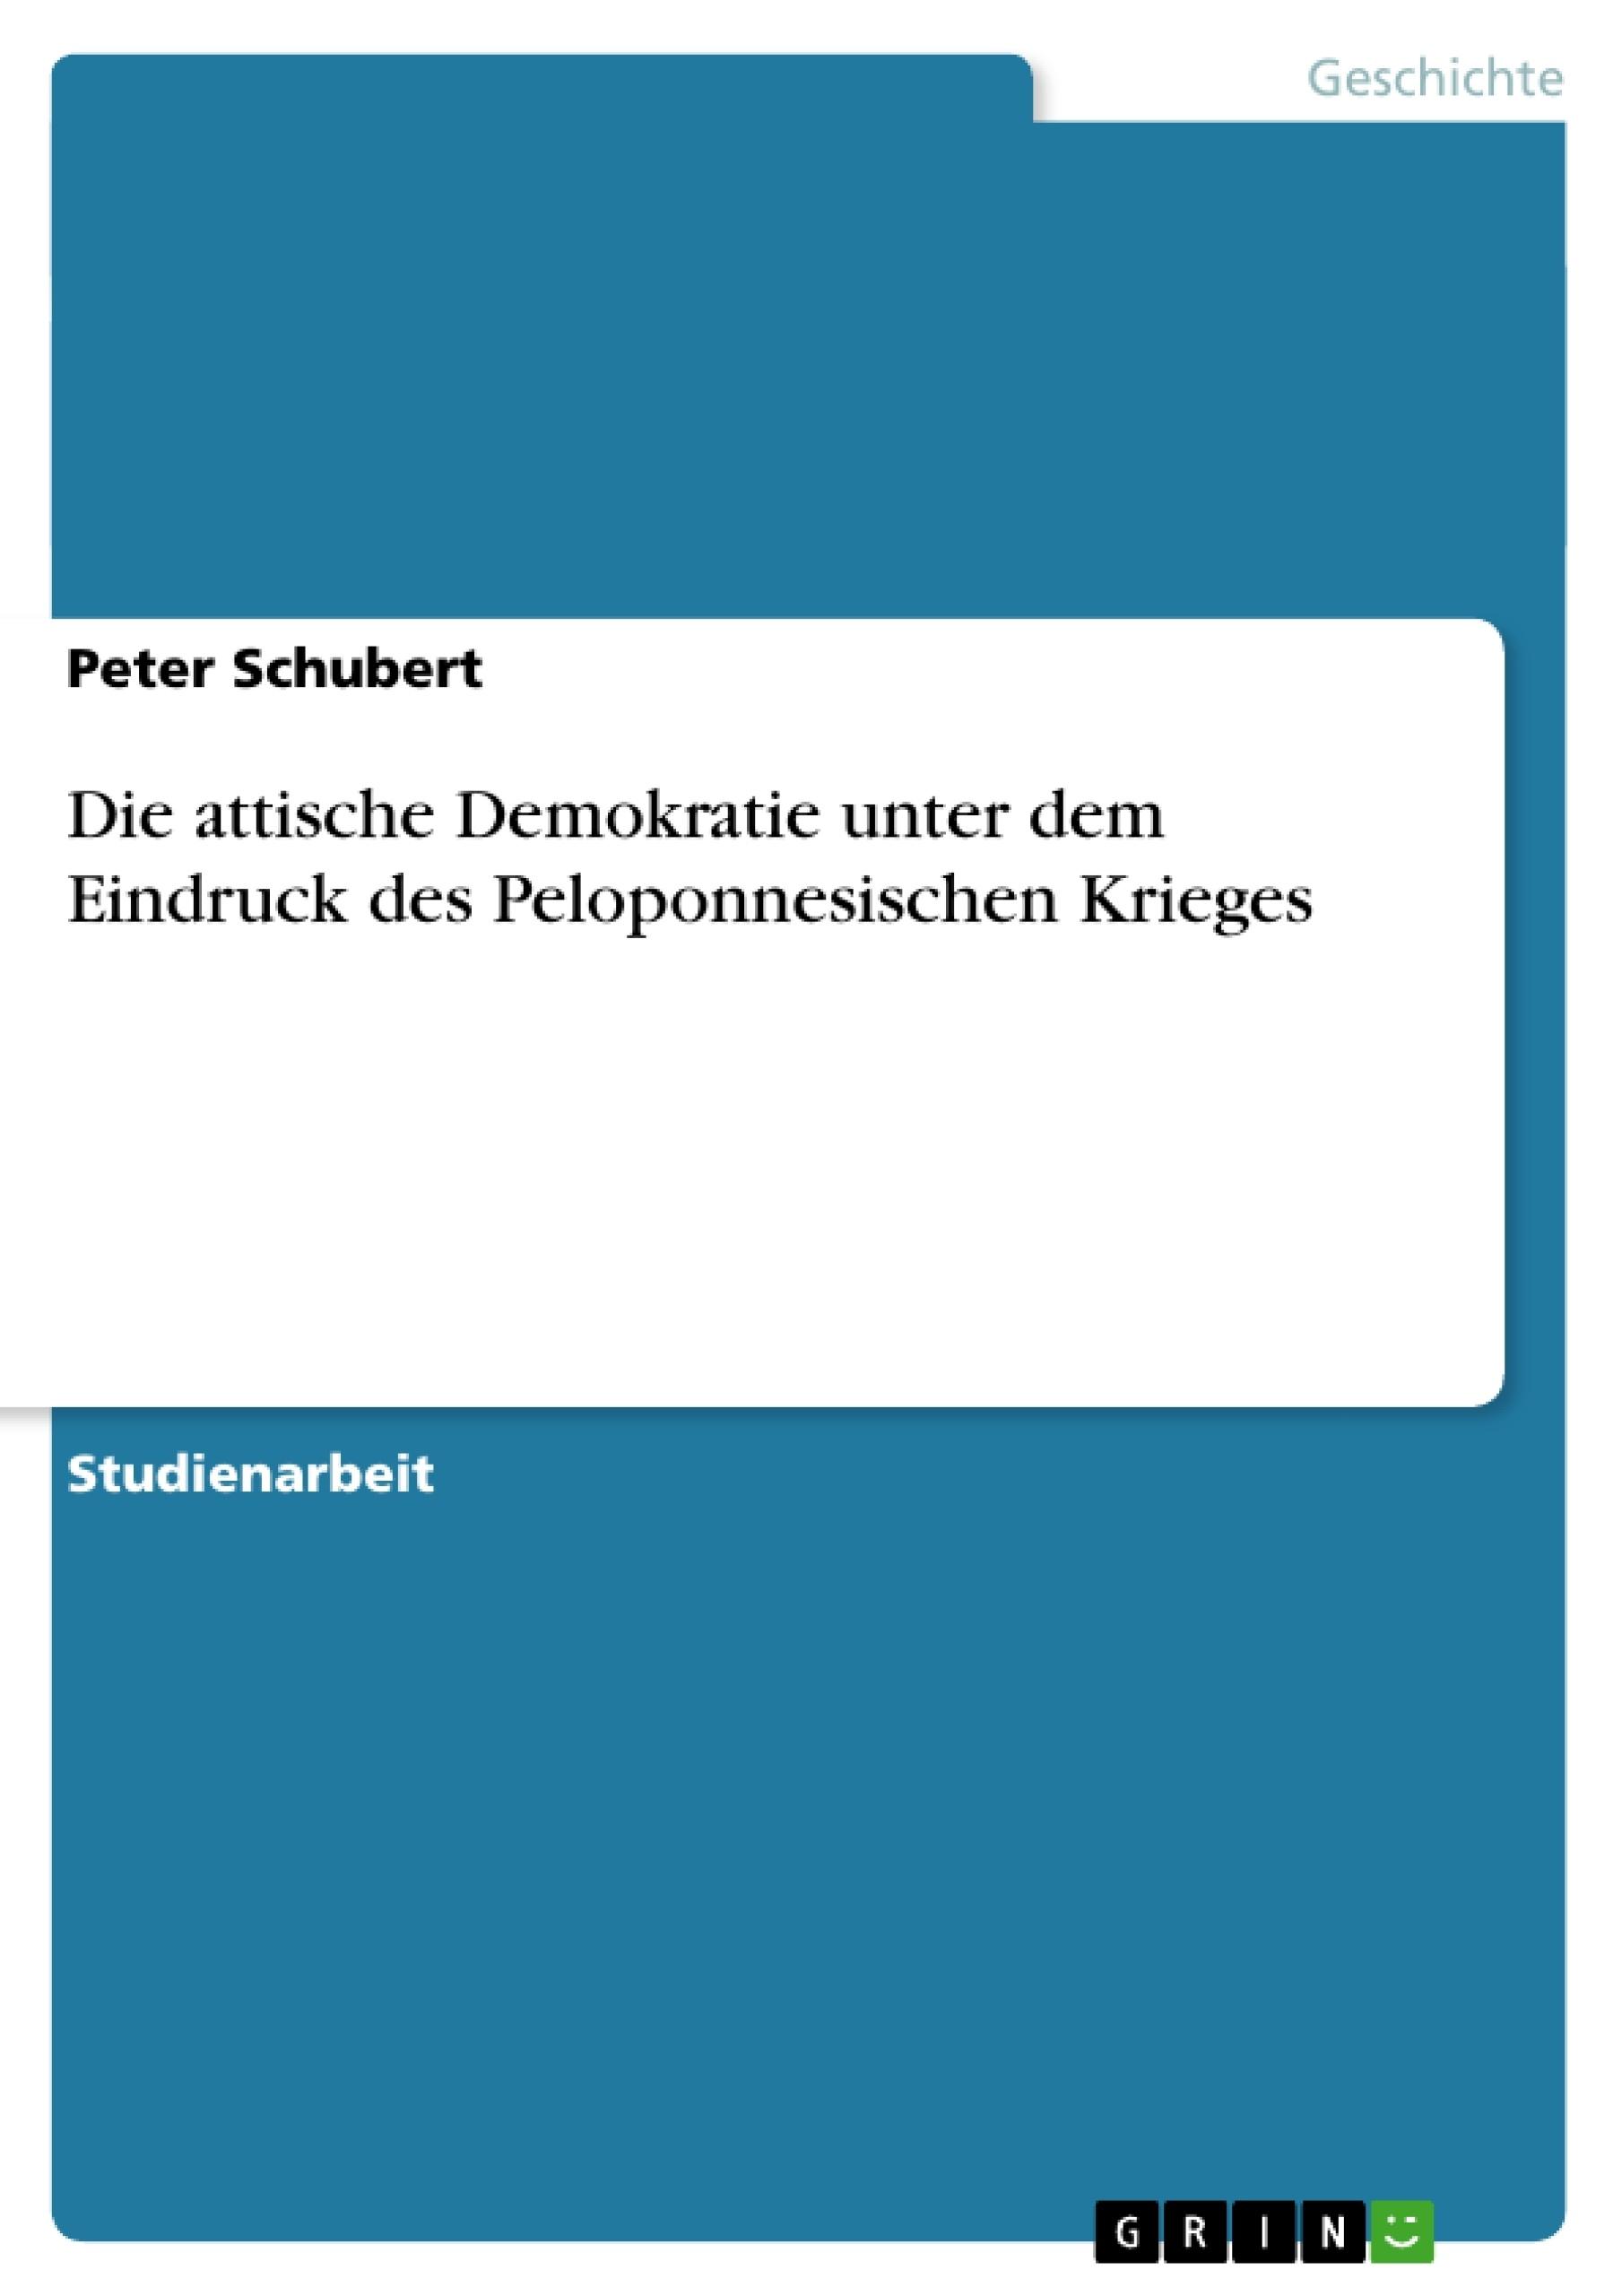 Titel: Die attische Demokratie unter dem Eindruck des Peloponnesischen Krieges